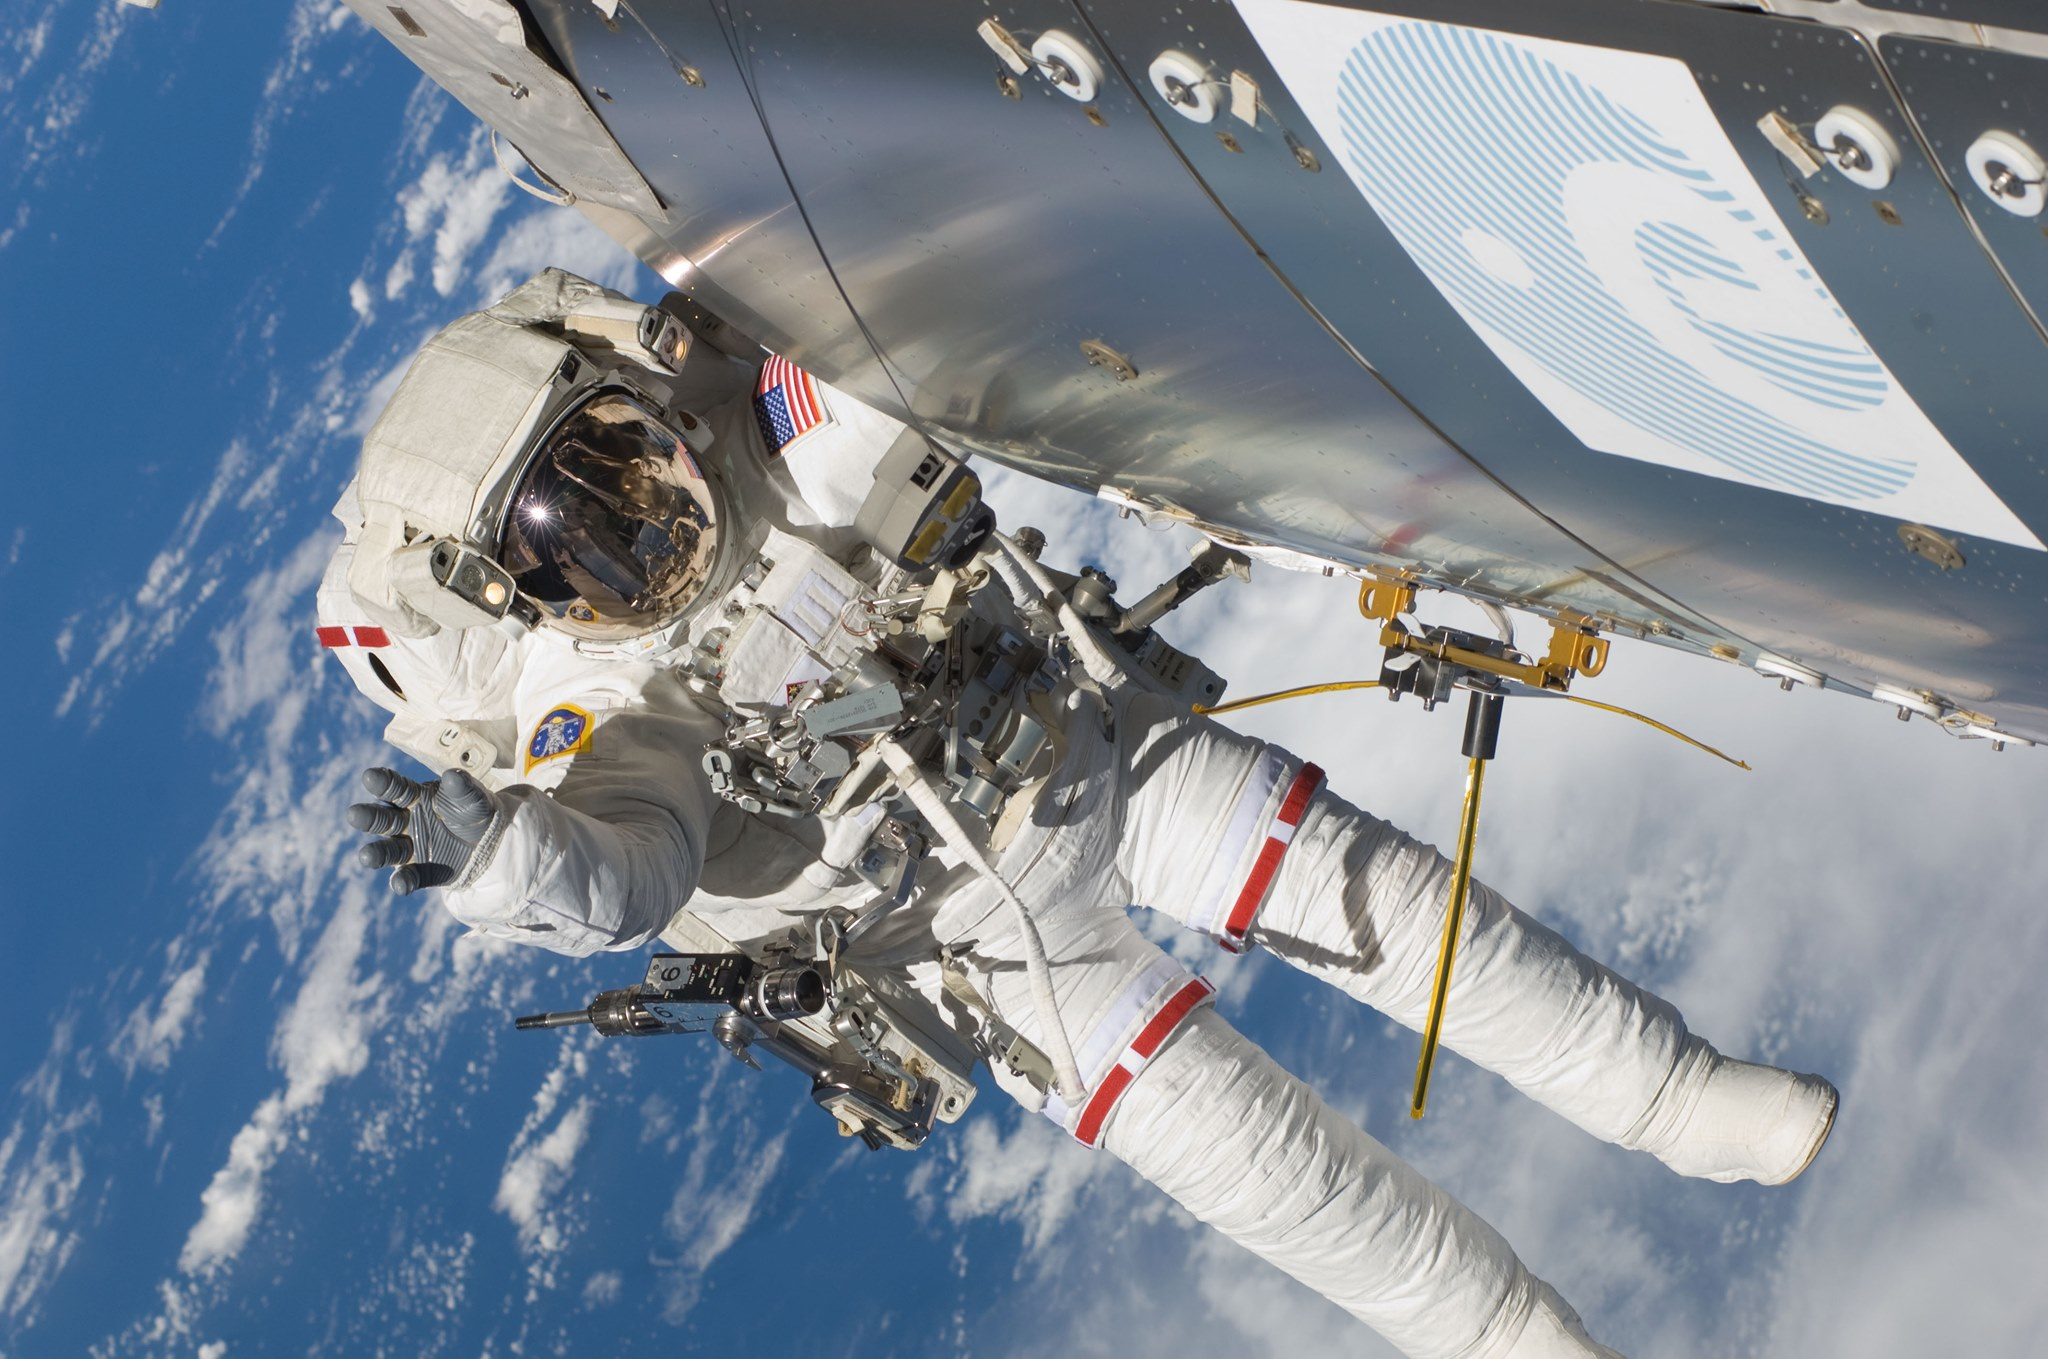 NASAs astronaut Randolph Bresnik satte oppantennen til NORAIS og Vessel-ID utenfor romstasjonen i november 2009. Foto: ESA.